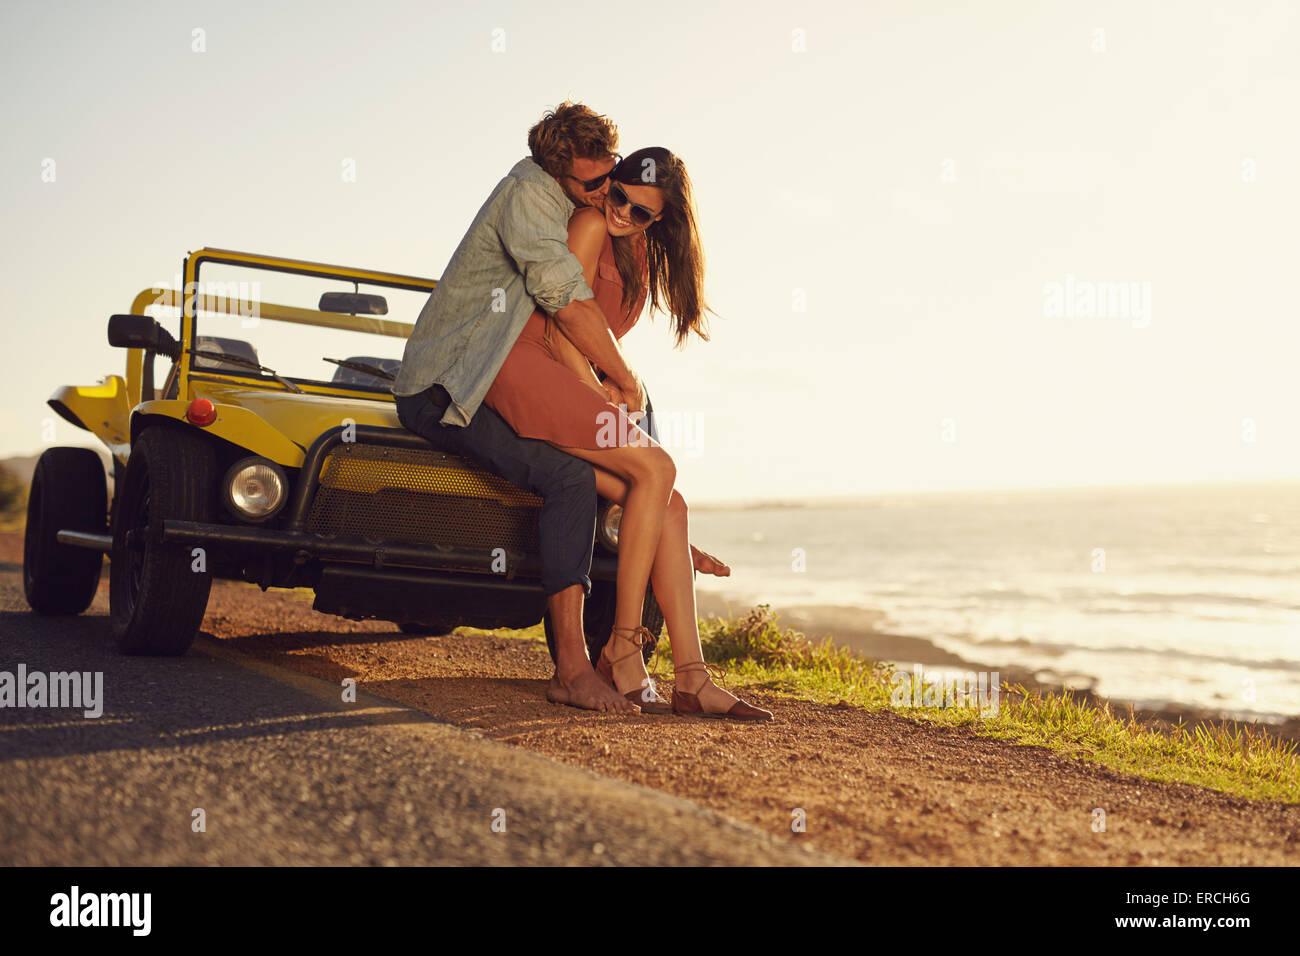 Jeune couple romantique partager un moment spécial, tandis que l'extérieur. Jeune couple amoureux Photo Stock